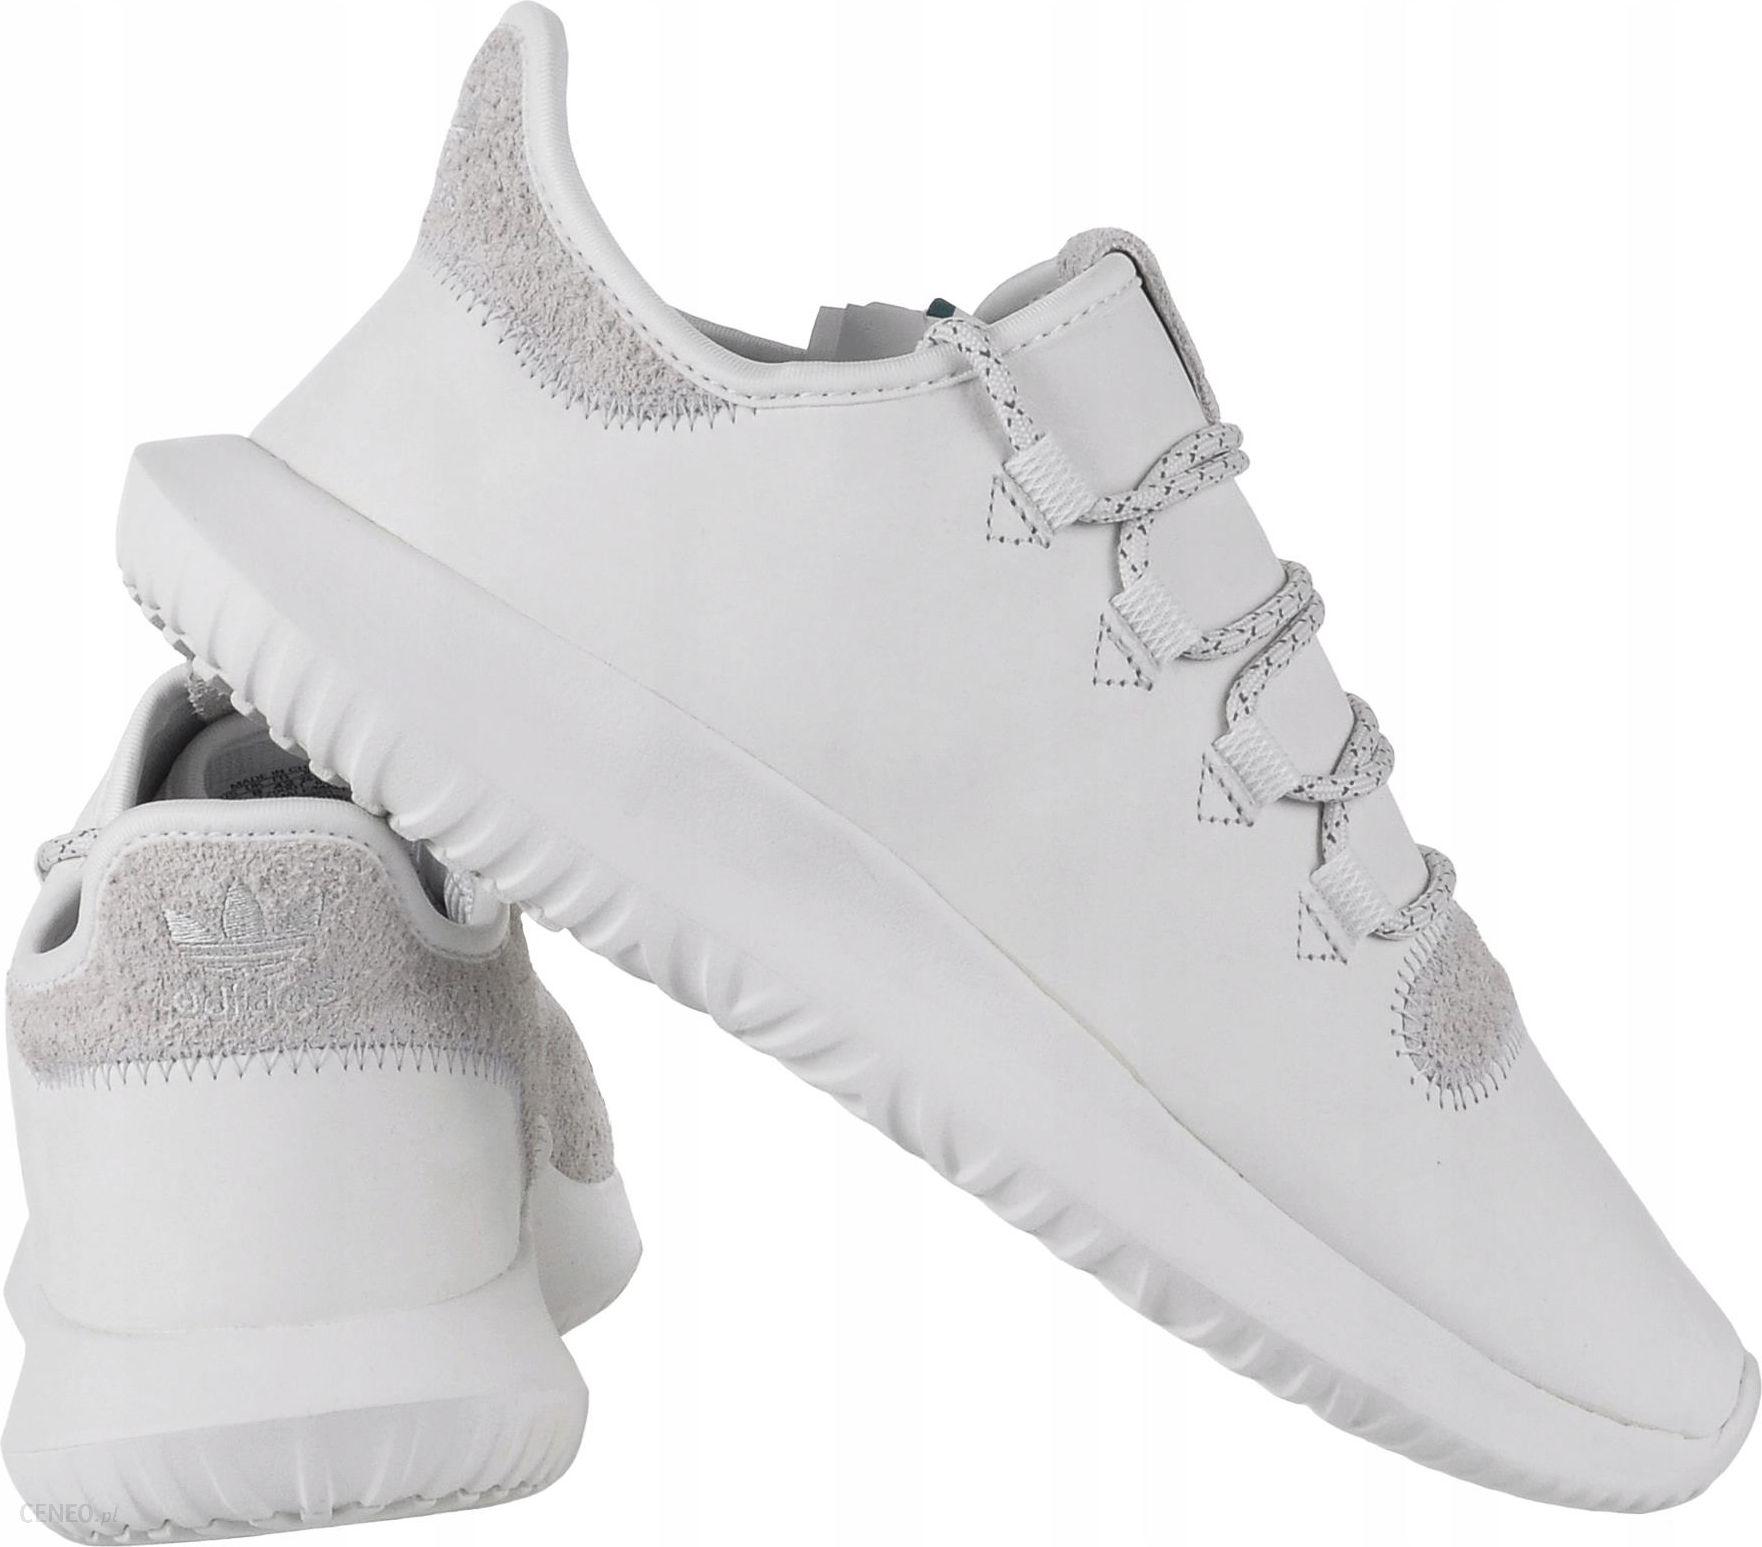 Adidas Buty męskie Tubular Shadow białe r. 46 23 (DB2701) w